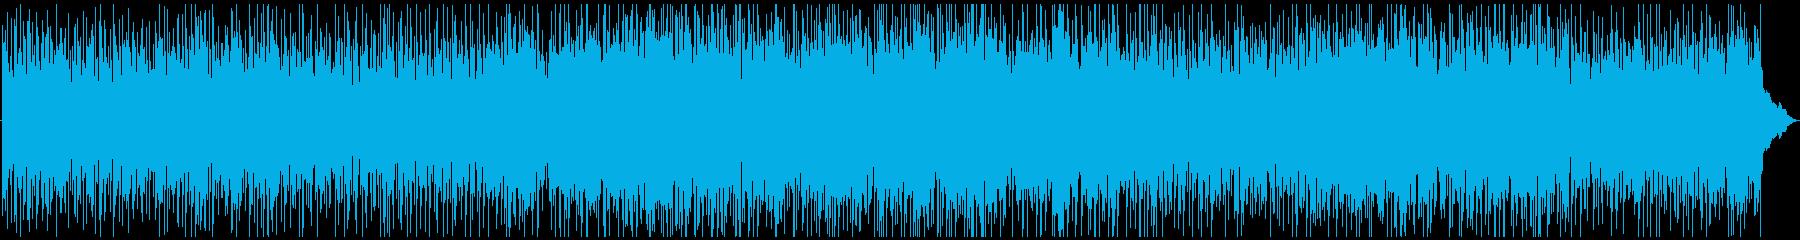 踊りたくなるようなケルティックジグの再生済みの波形